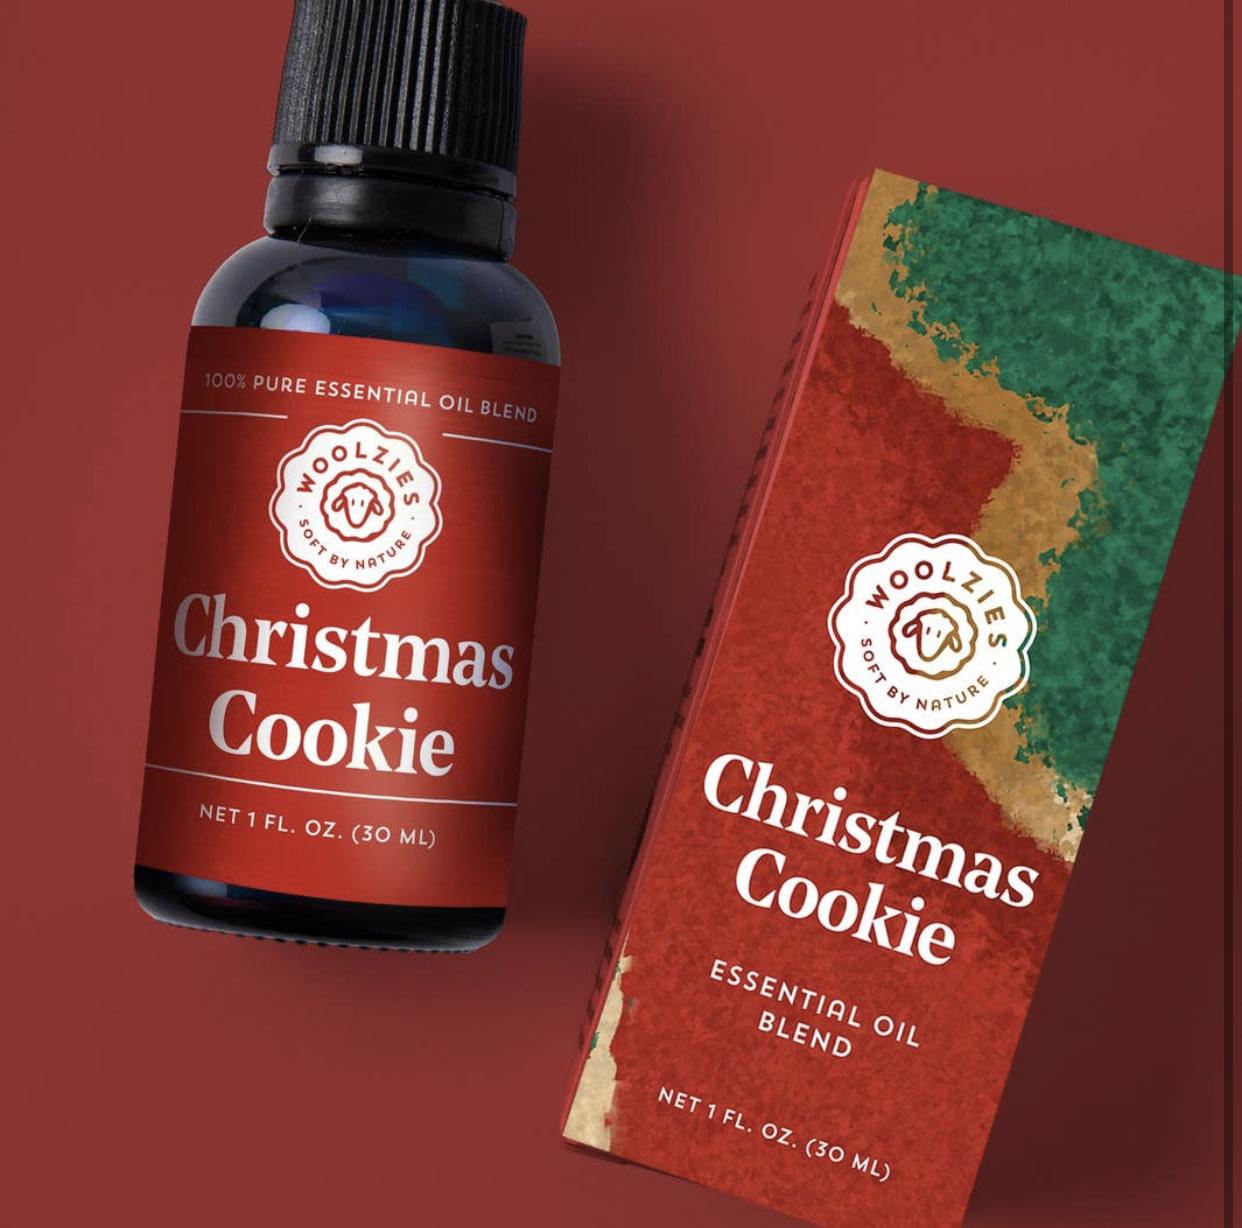 Woolzies Christmas Cookie